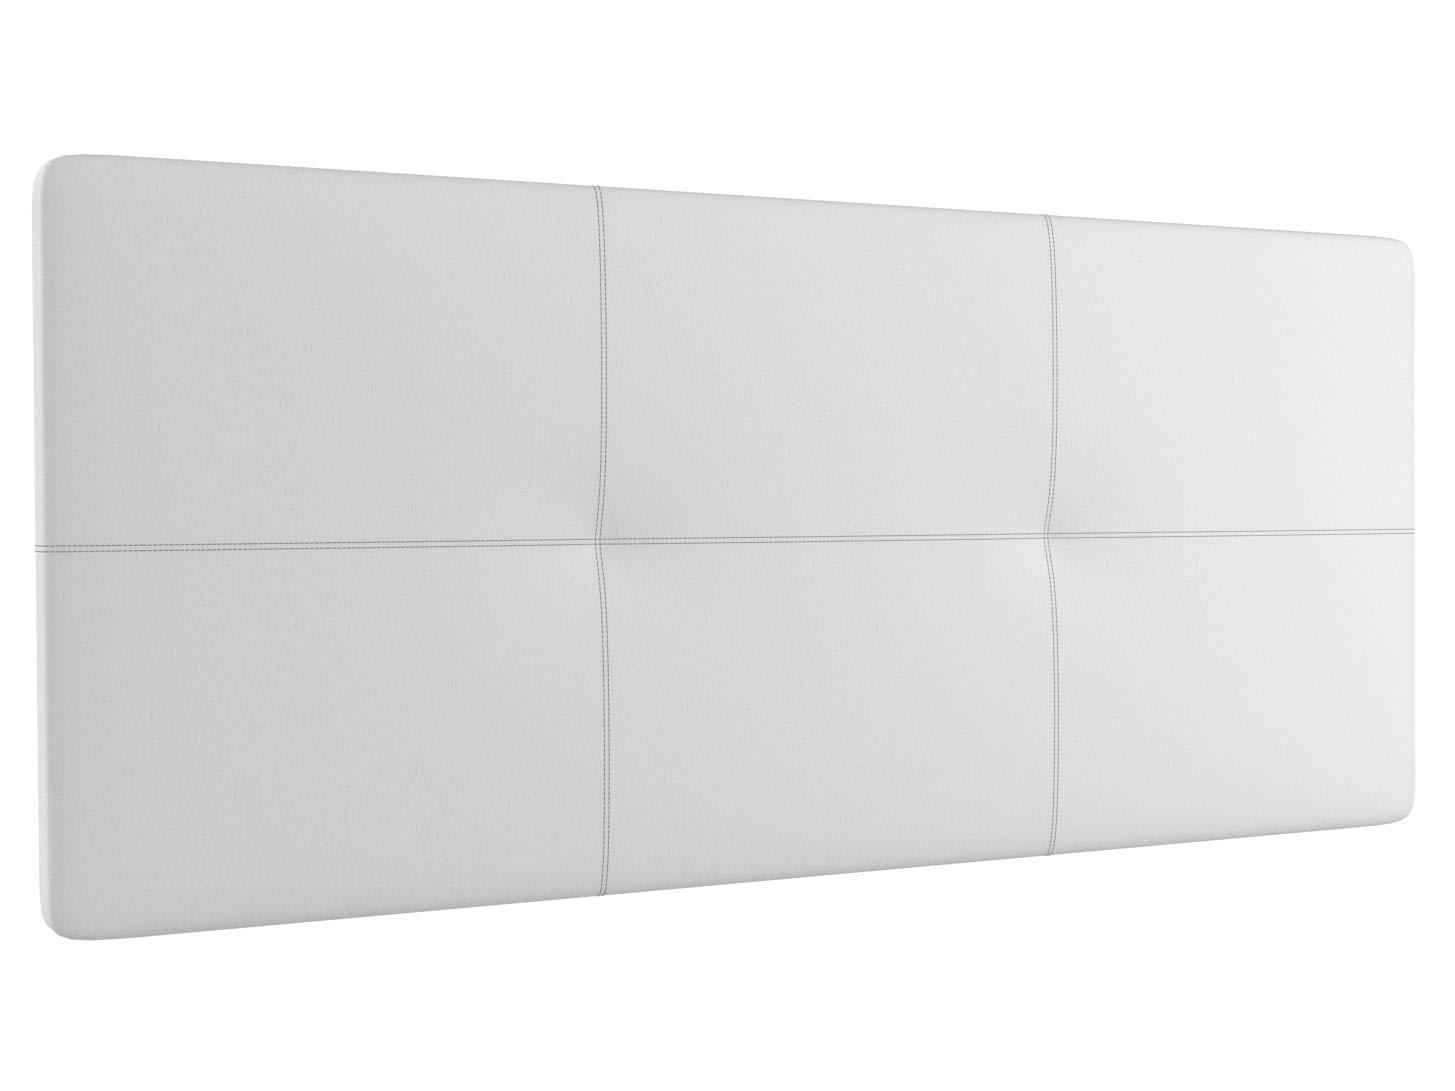 LA WEB DEL COLCHON Cabecero tapizado Acolchado Atenas (Cama 105) 115 x 70 cms. 00 - Blanco: Amazon.es: Juguetes y juegos